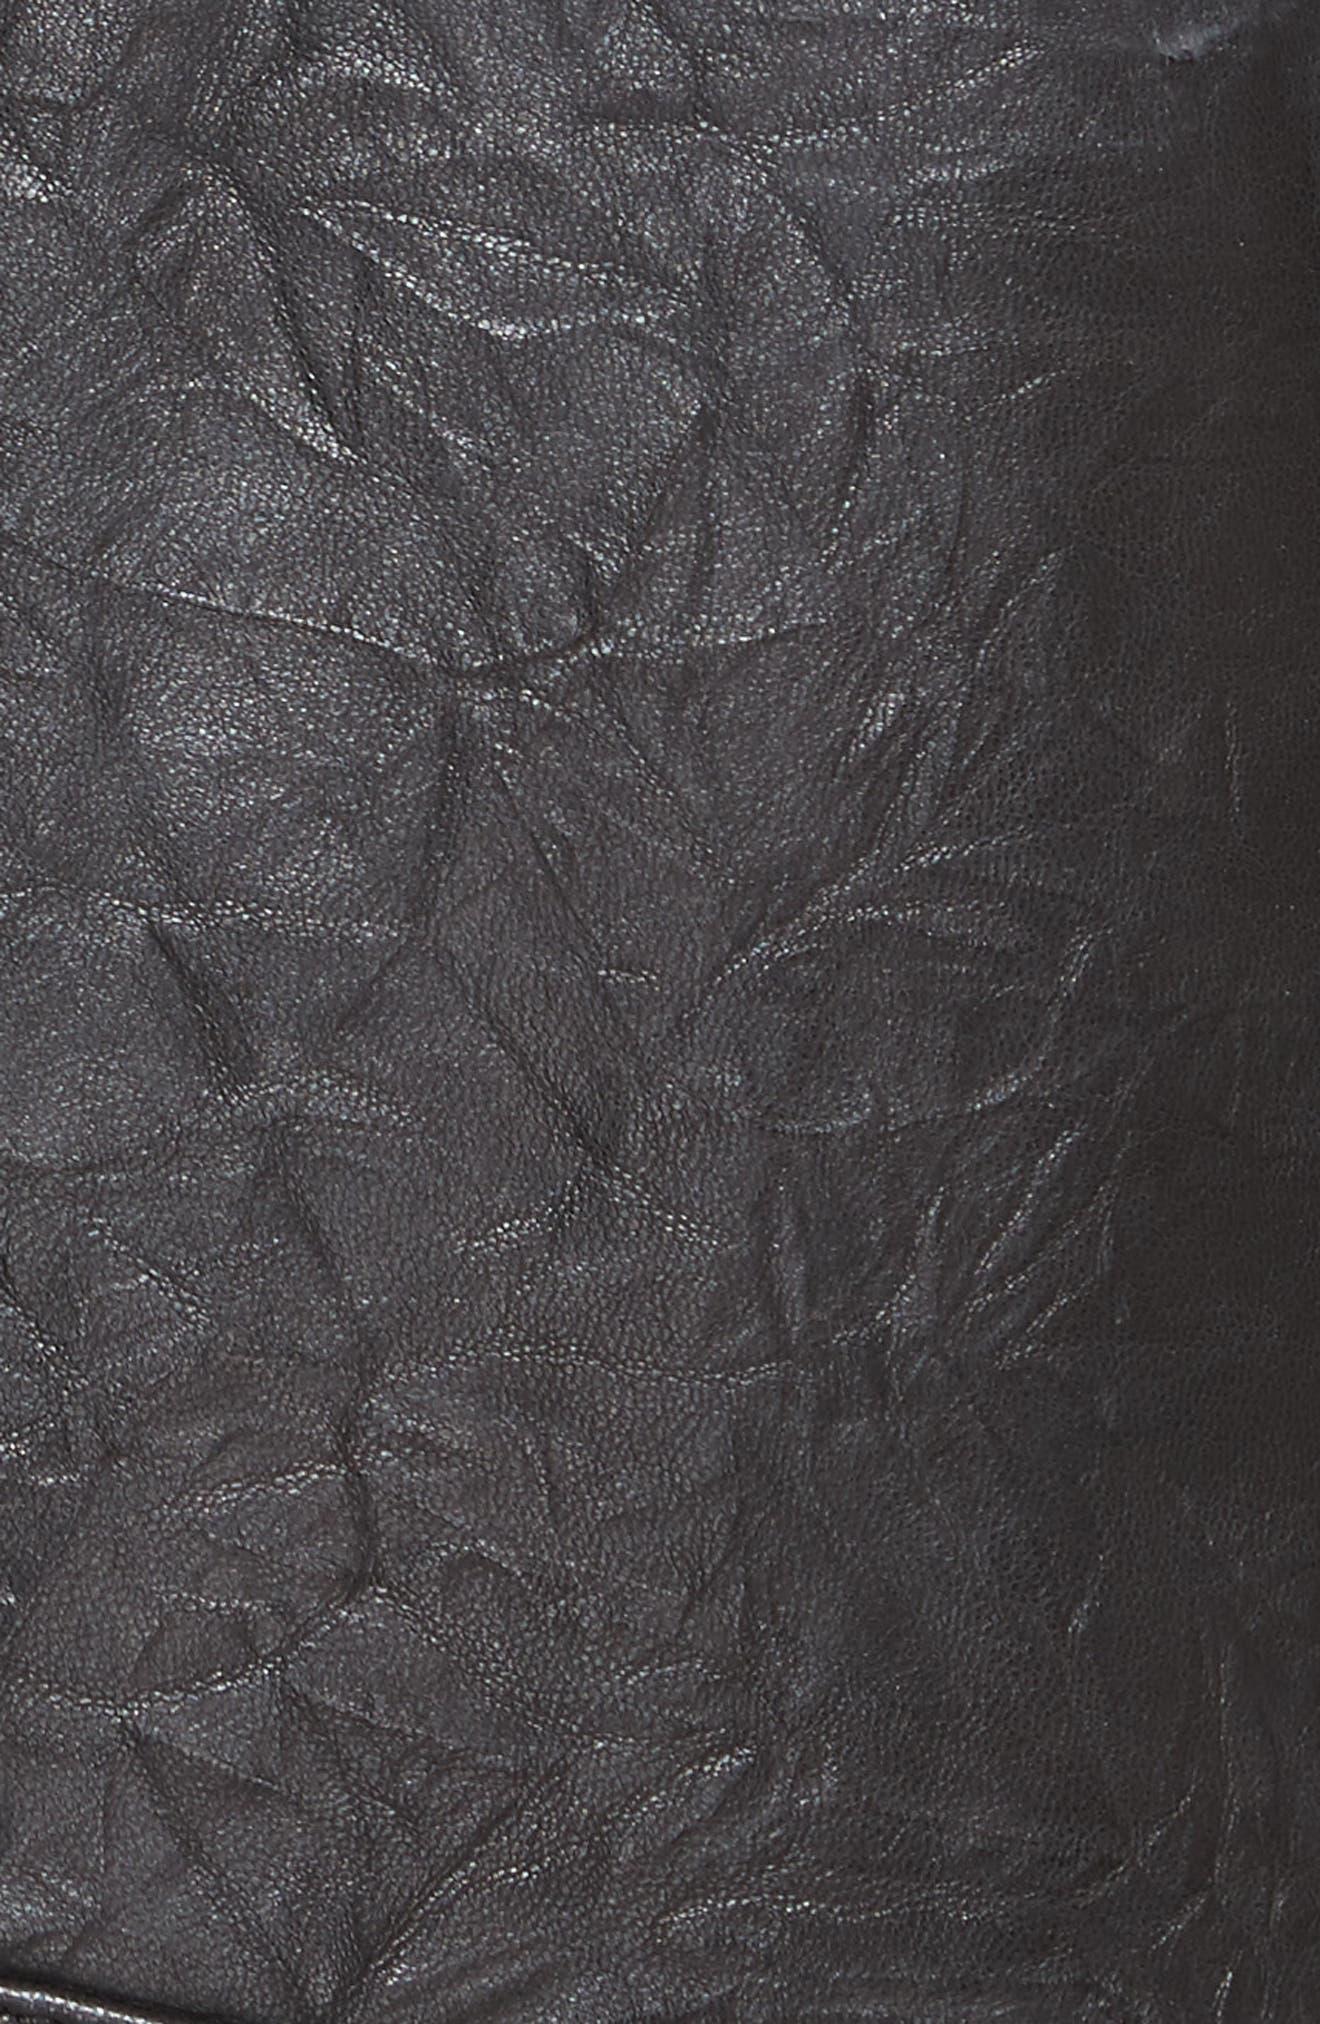 Kameke Viva La Femme Lambskin Leather Jacket,                             Alternate thumbnail 6, color,                             Caviar